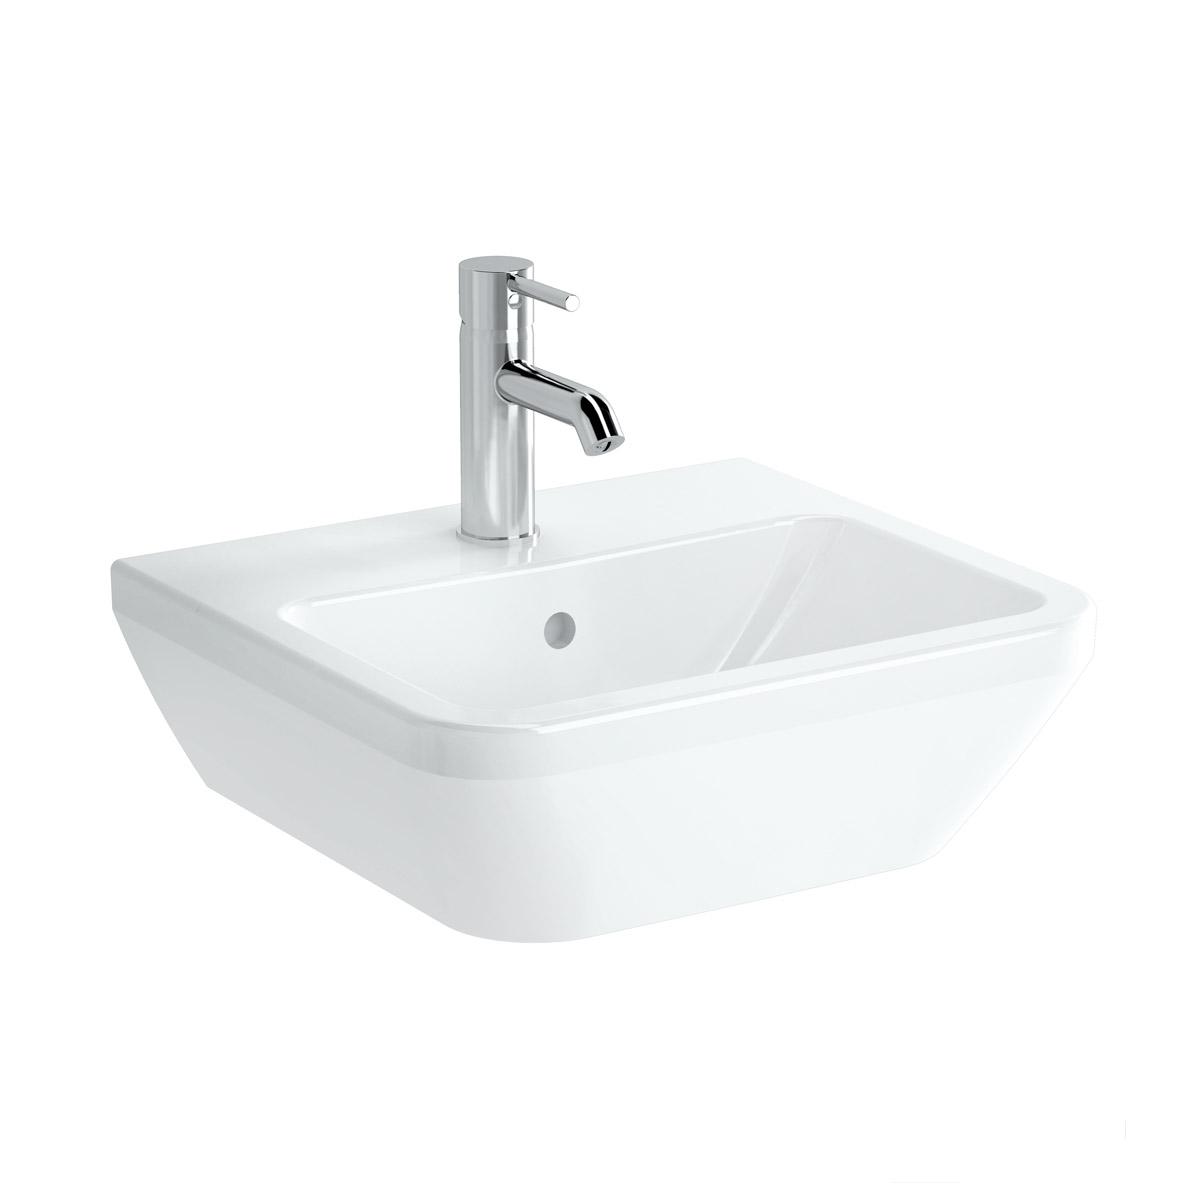 Integra Handwaschbecken, 45 cm, eckig, Weiß